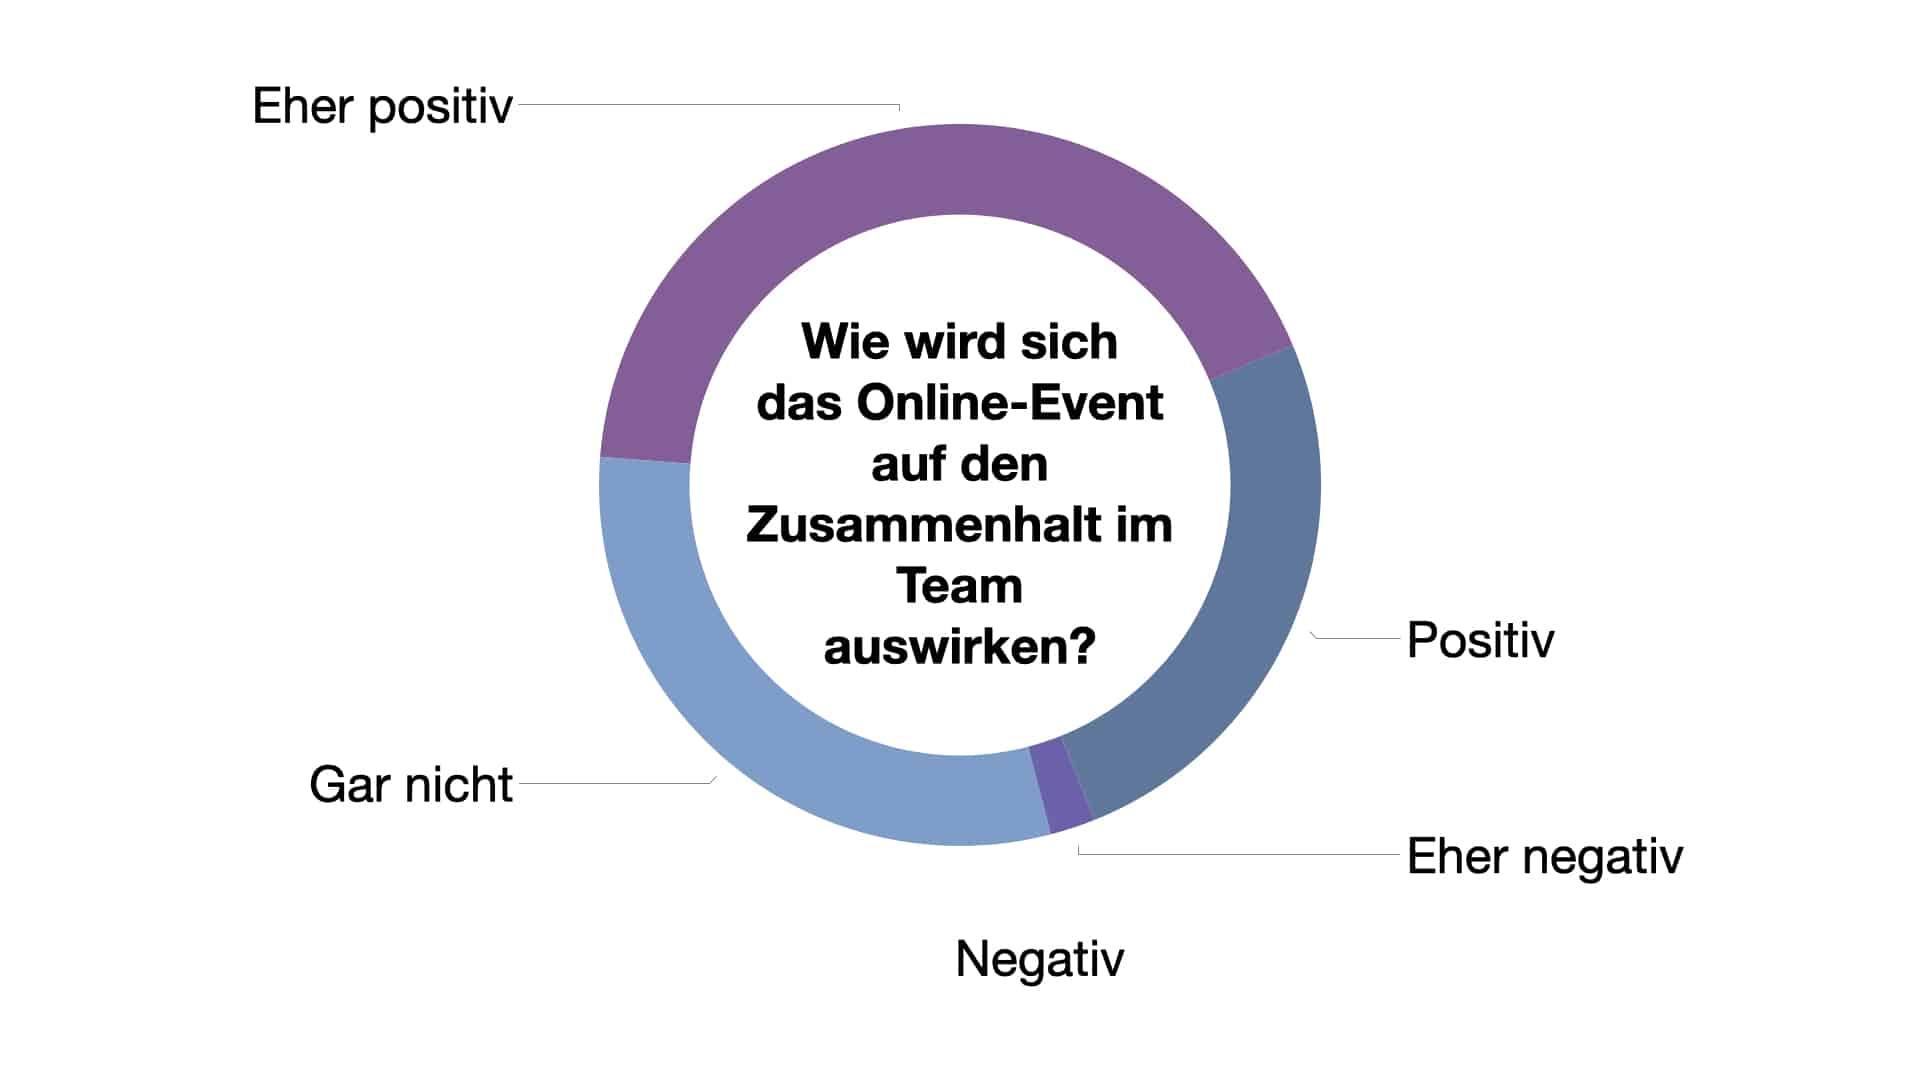 Umfrage: Wie wird sich das Online-Event auf den Zusammenhalt im Team auswirken?